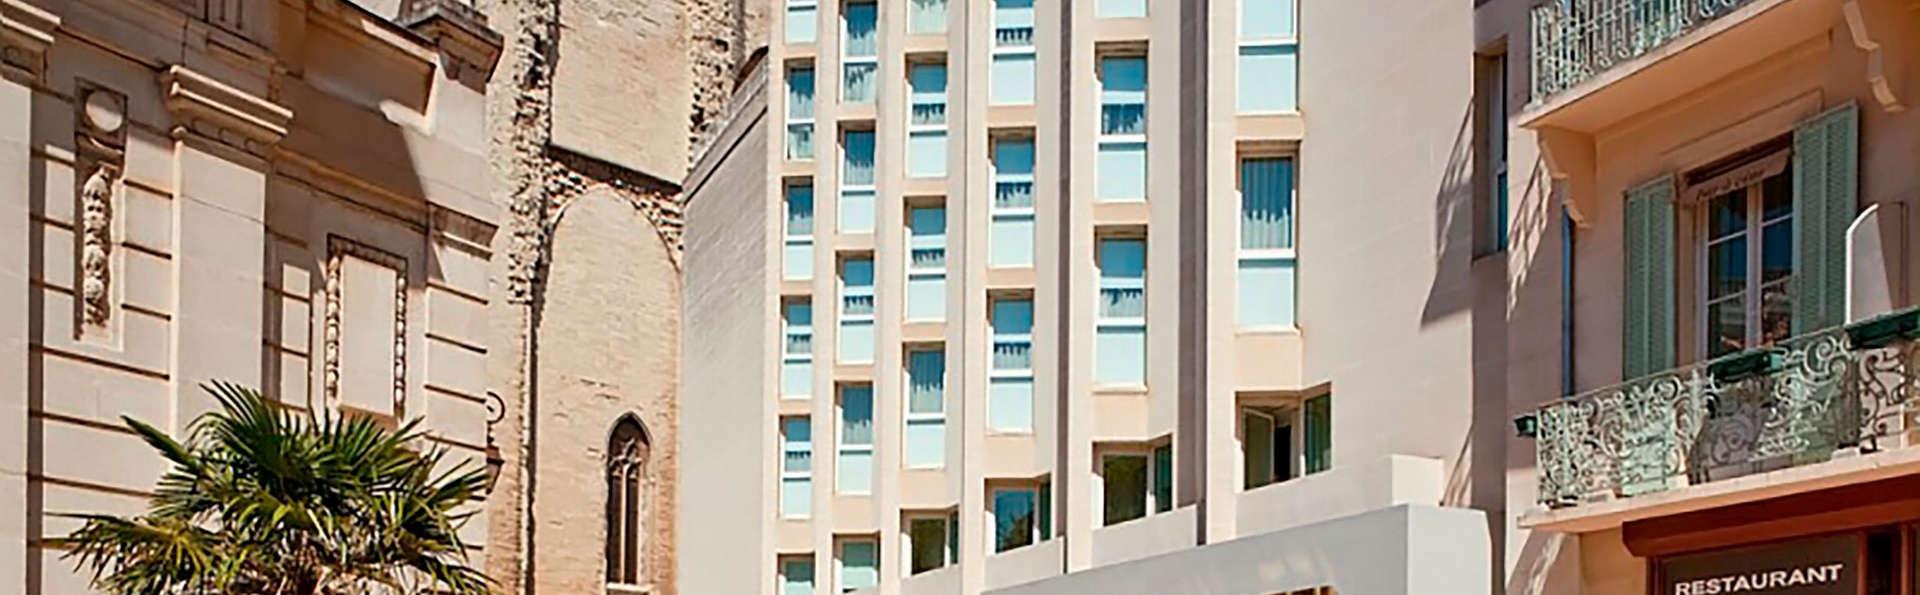 Hôtel Mercure Palais des Papes - EDIT_FRONT_02.jpg